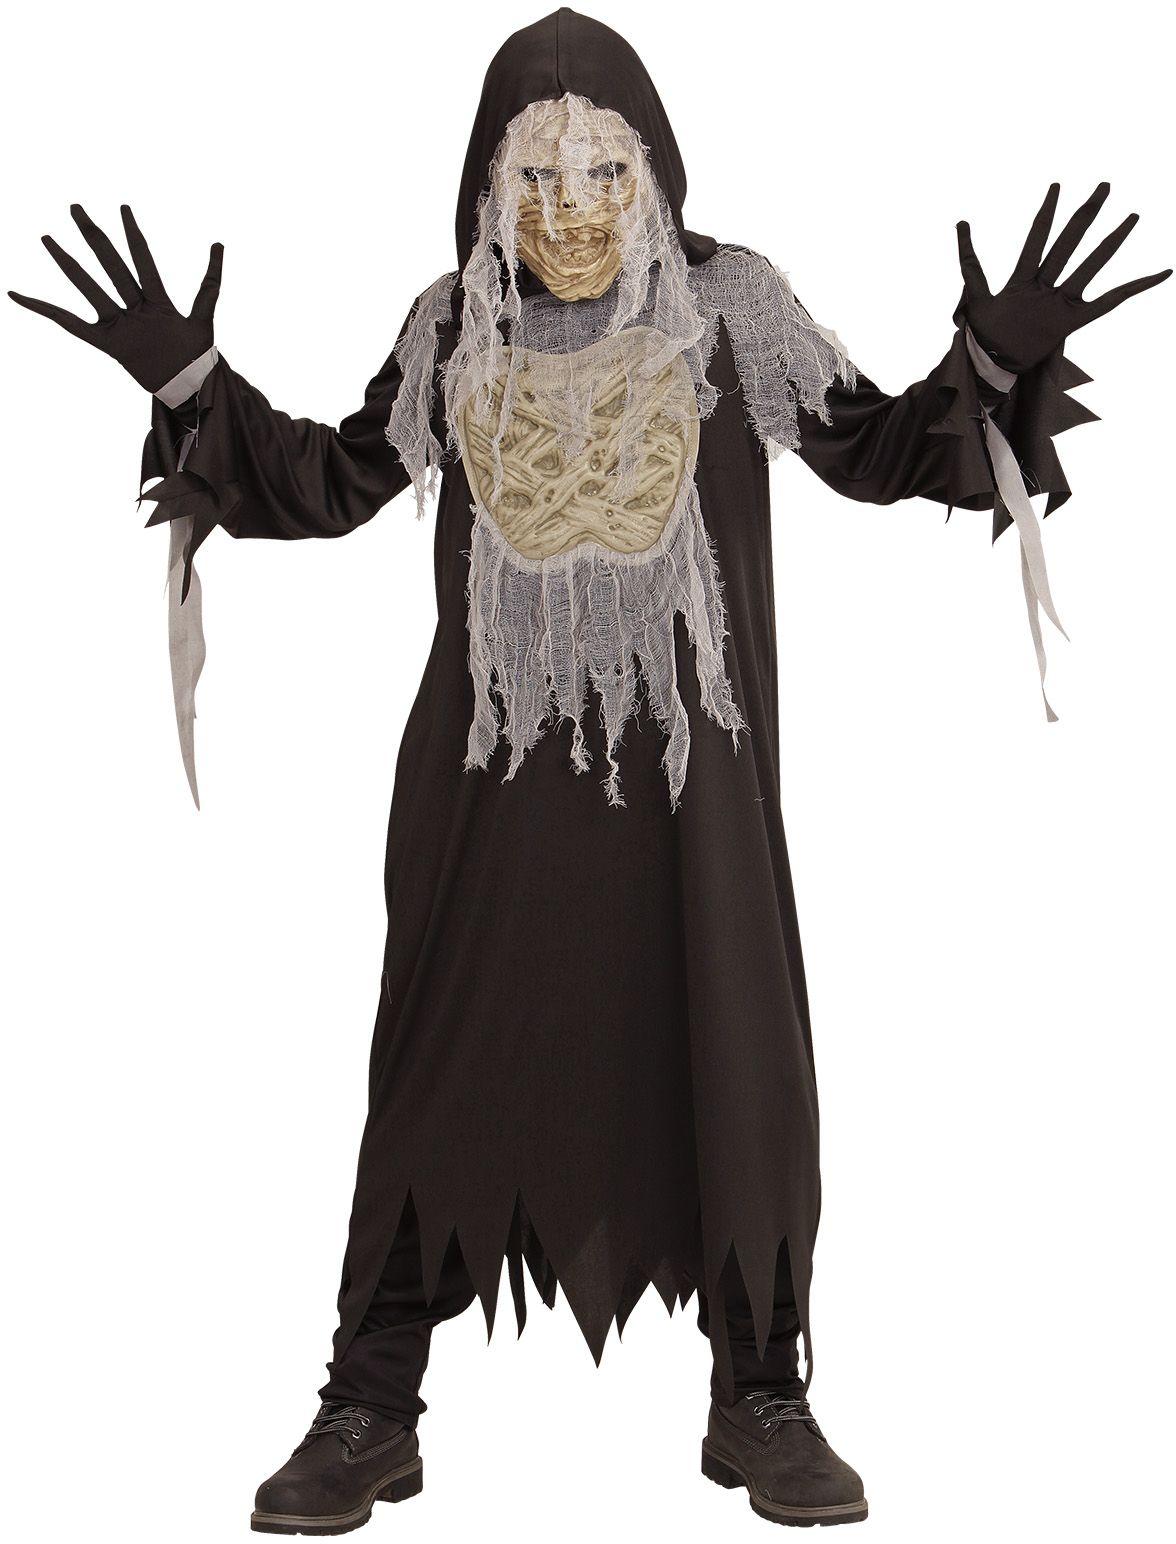 Halloween mummiepak kind